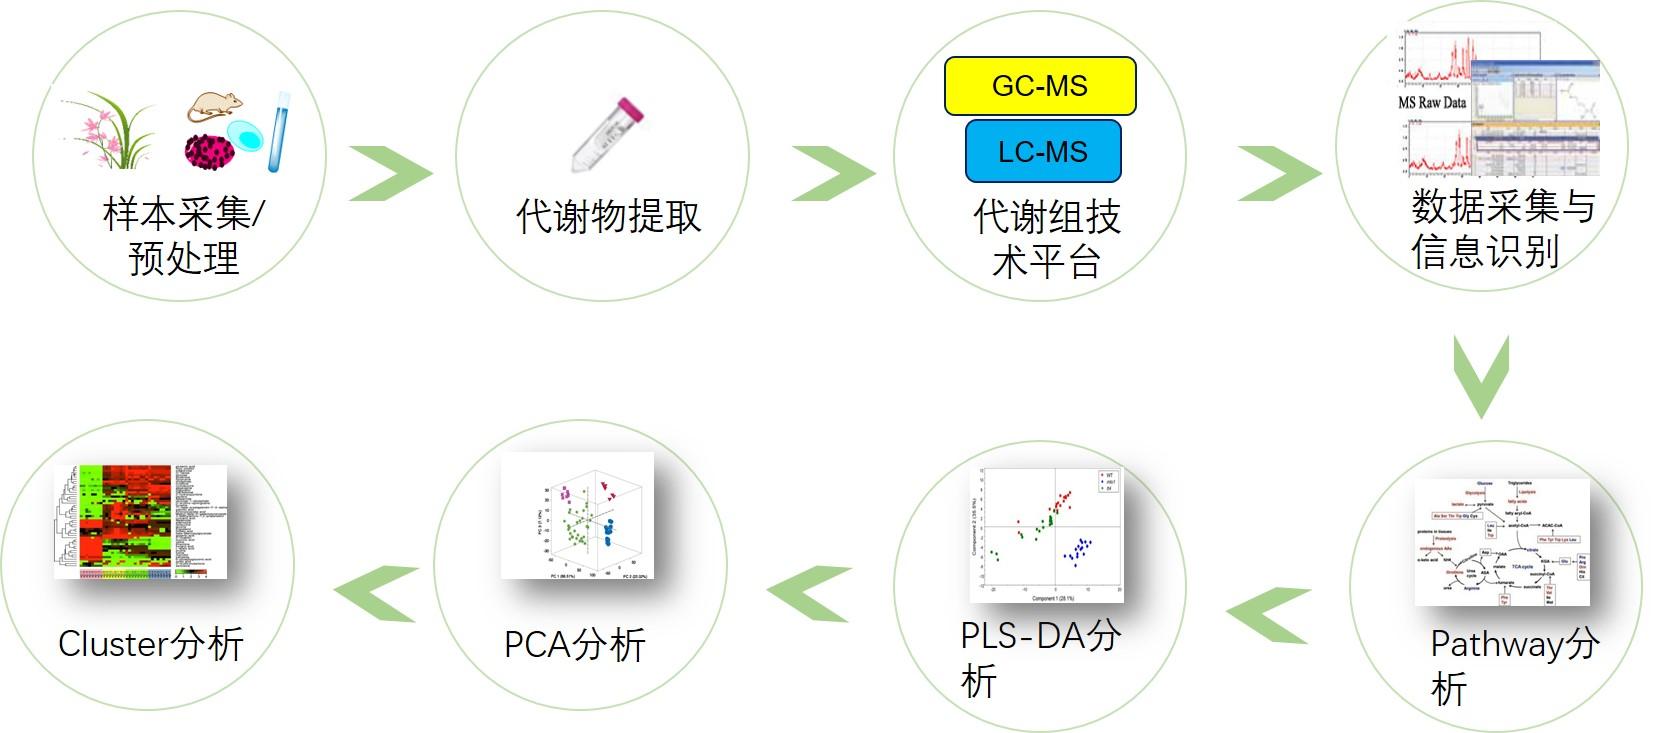 非靶向代谢组学